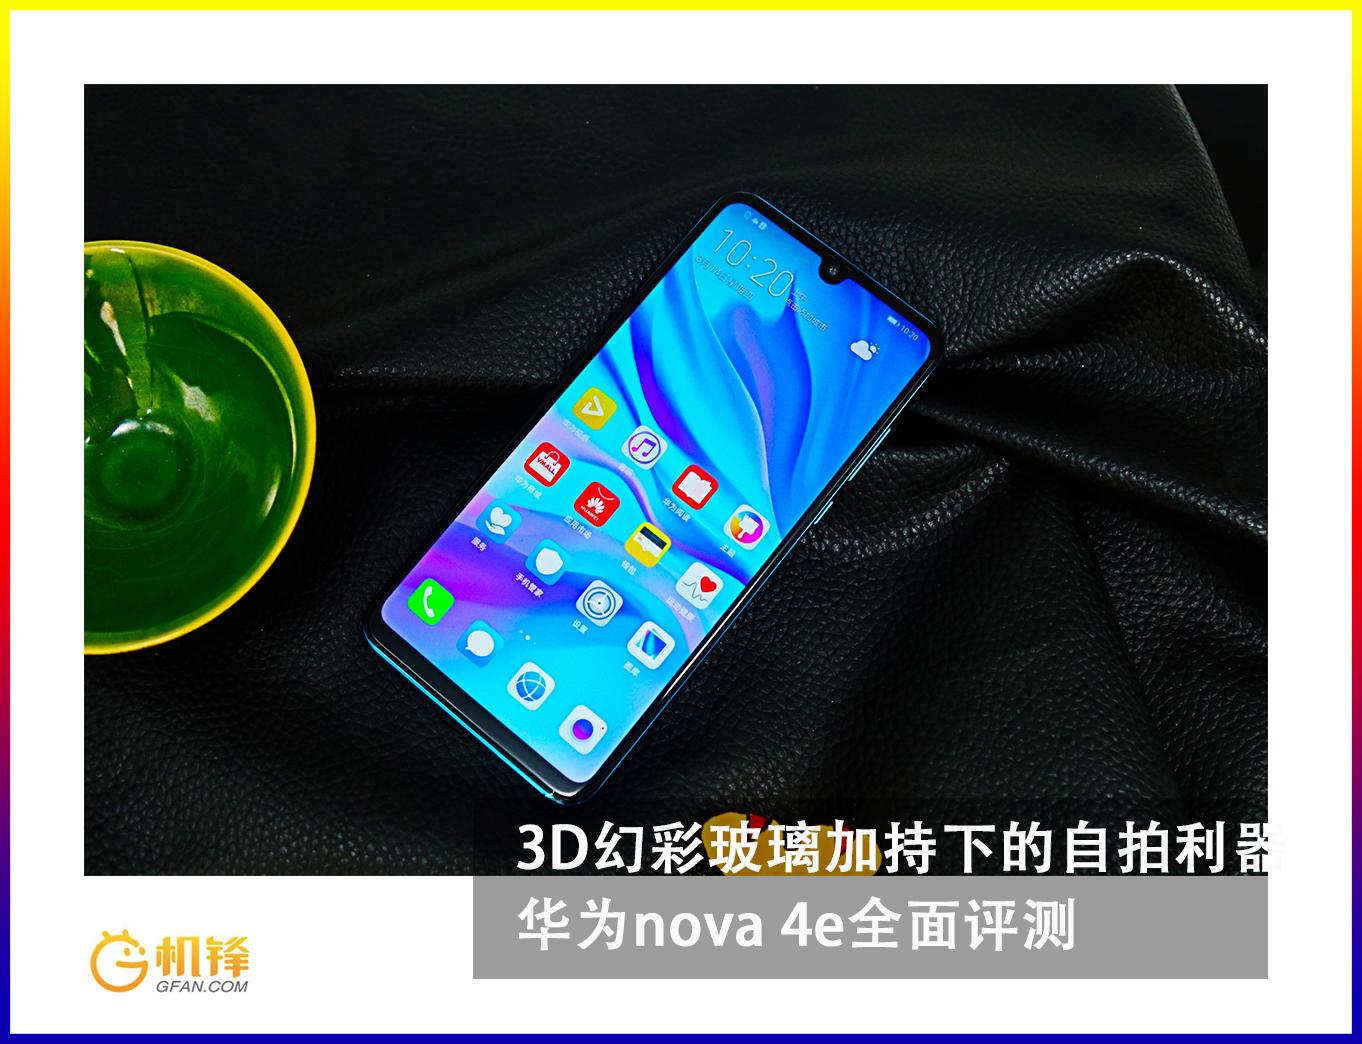 华为nova4e评测 一款不一样的中端机型